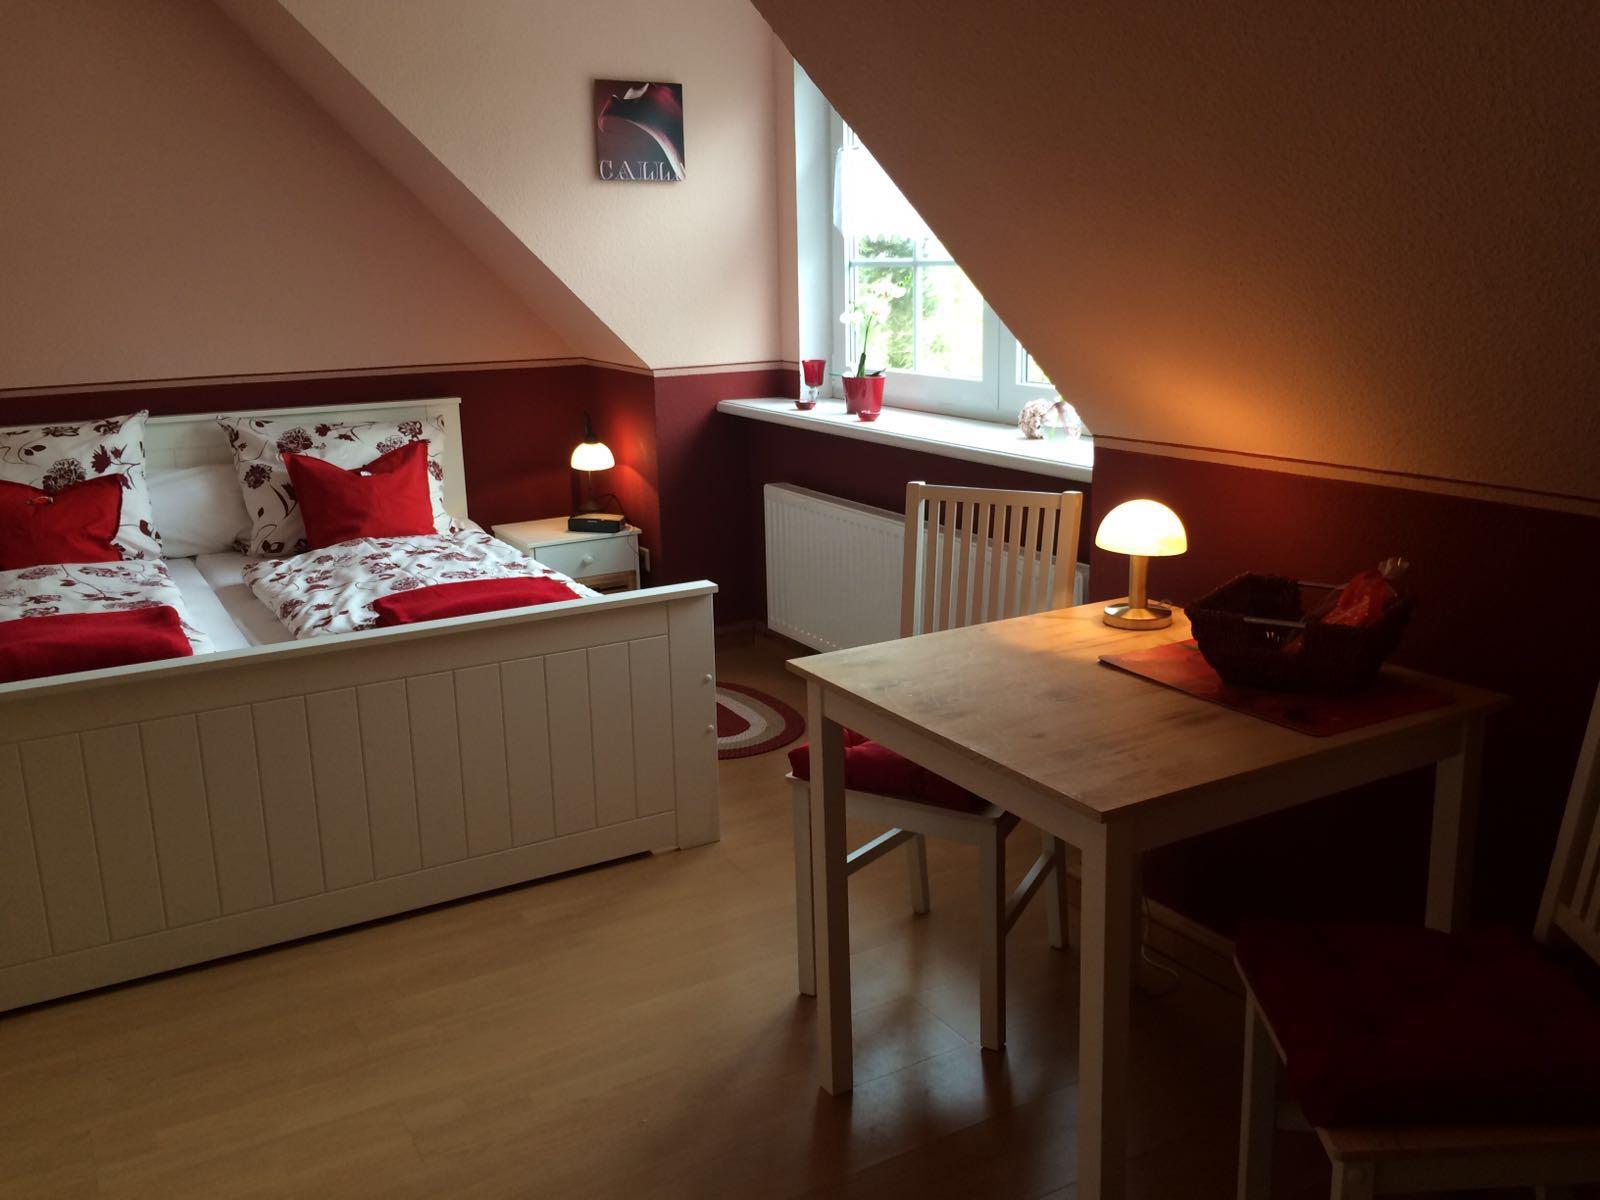 Haus Friesenglück in Kolkerheide, Nordfriesland – Ferienwohnungen und Ferienapartments – Ferienapartment 3 (rot) - Innenansicht 1